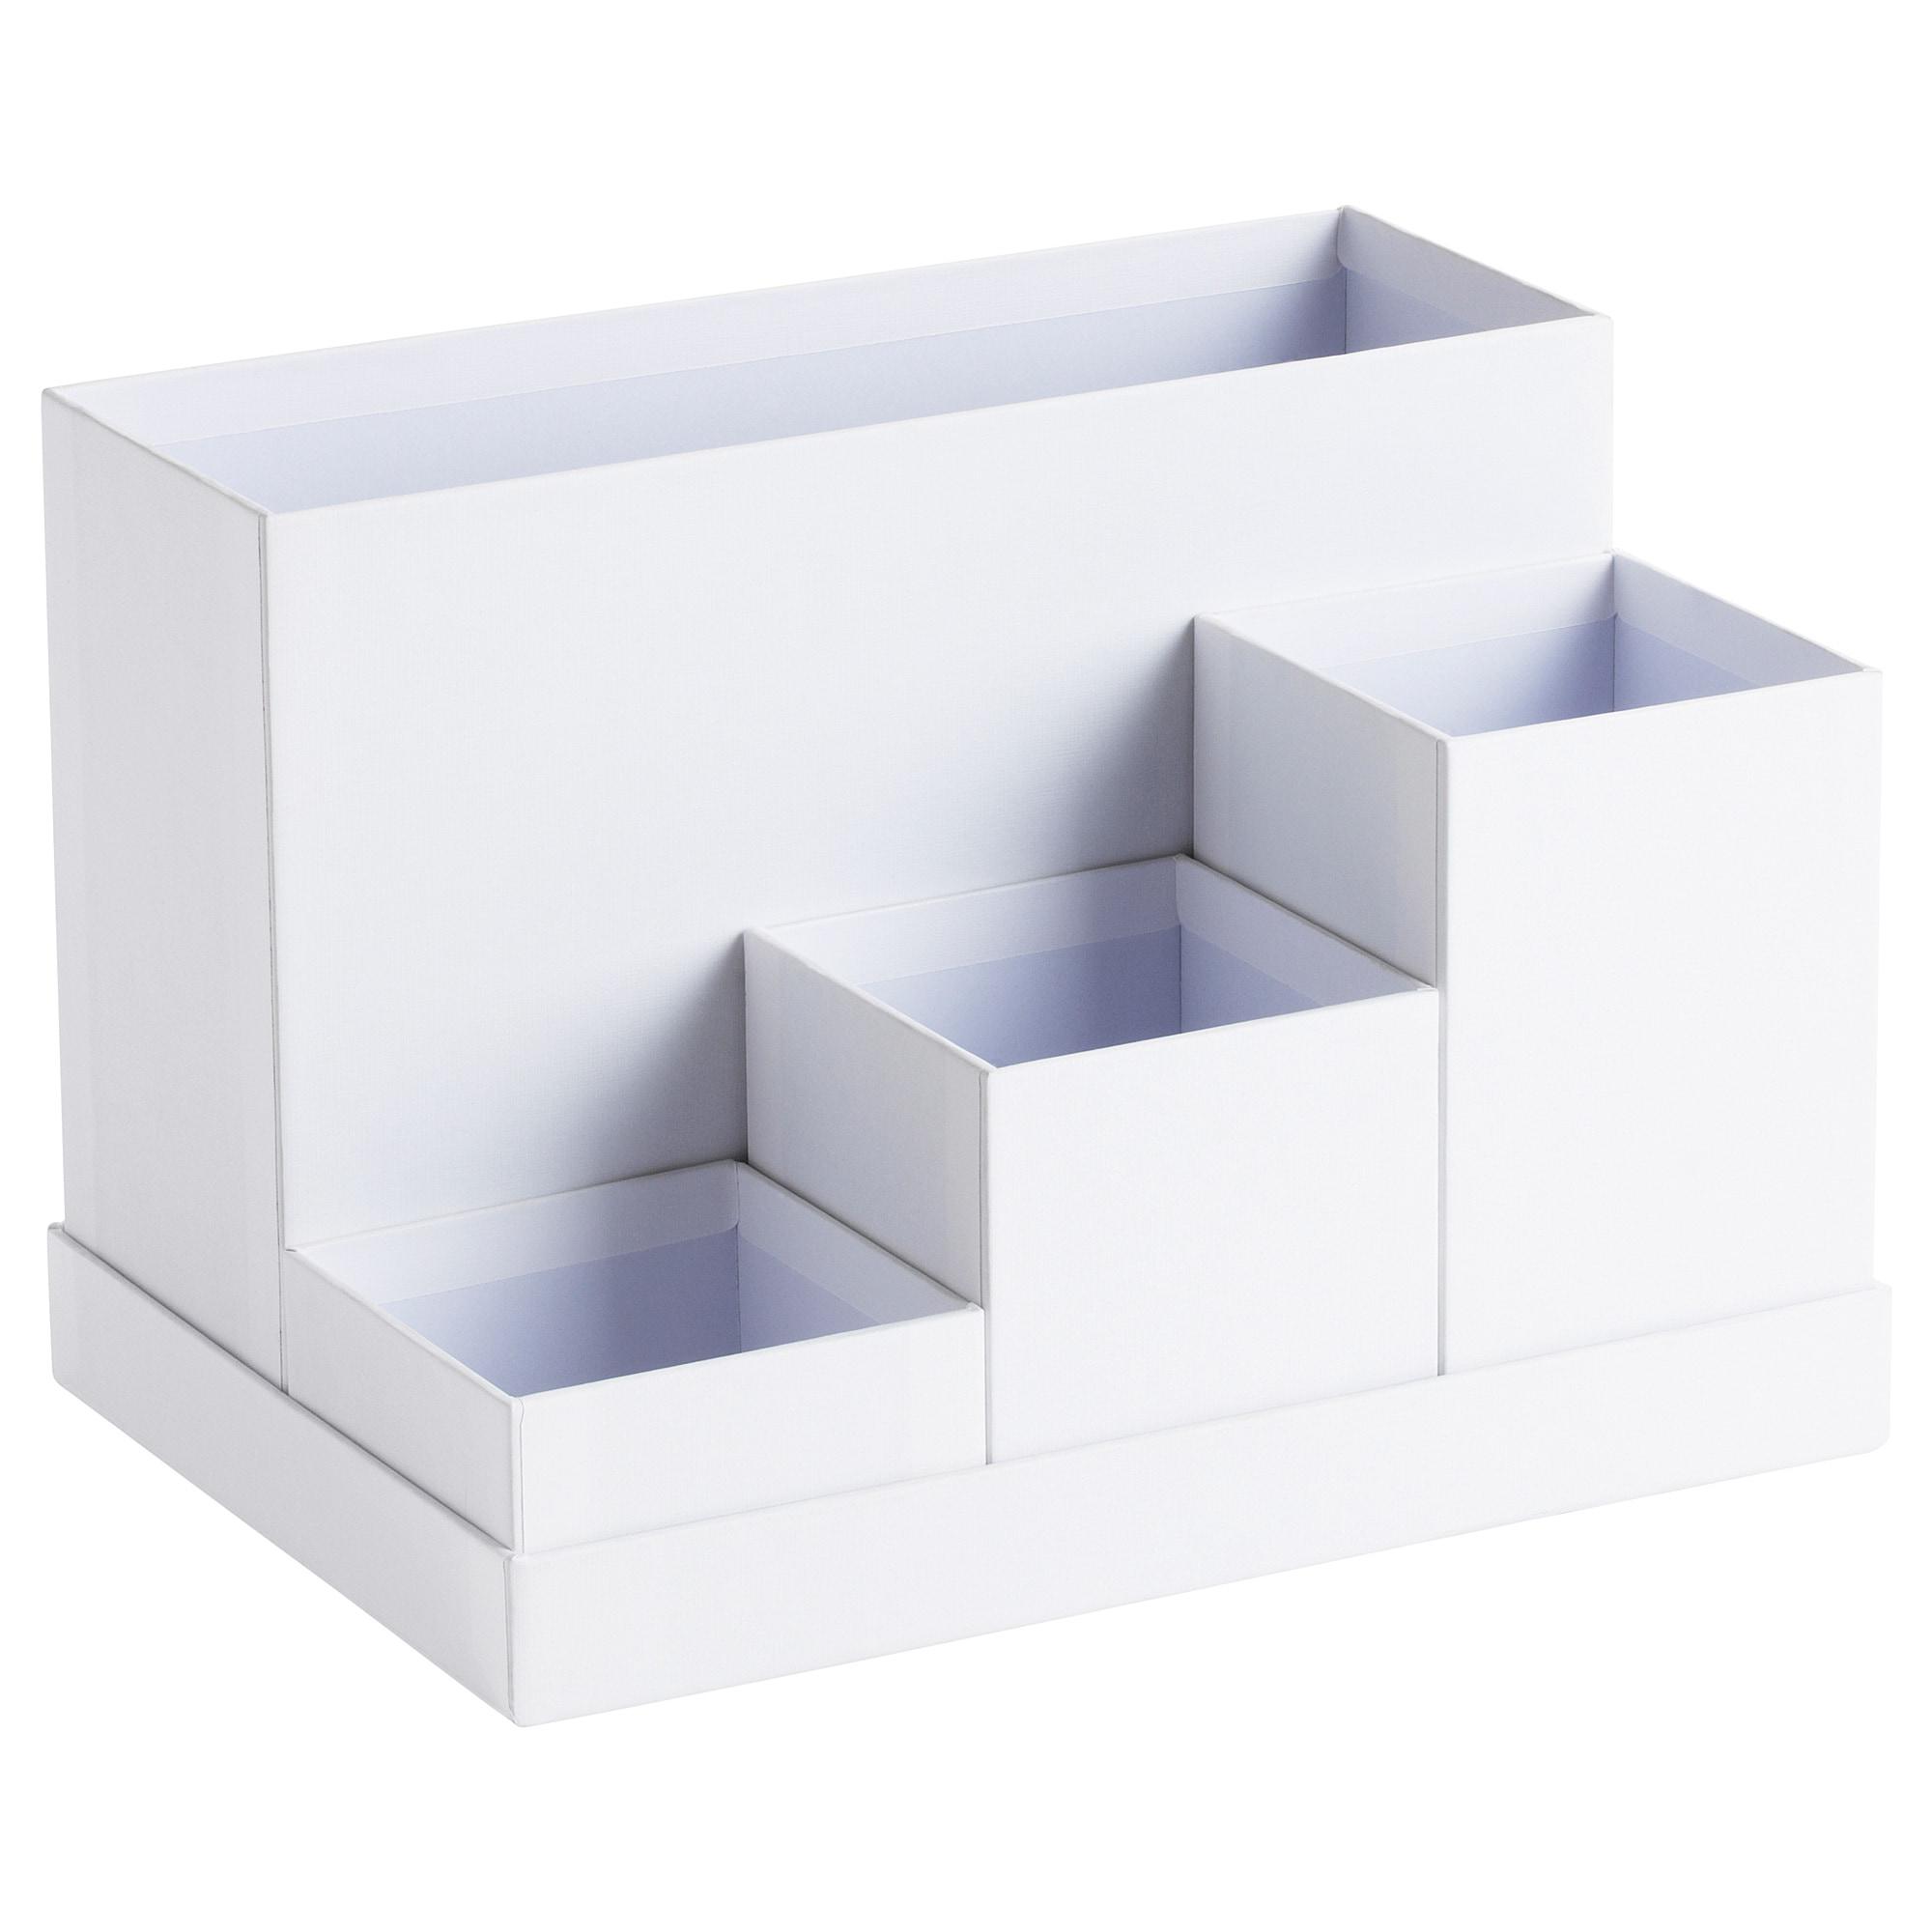 Ikea organizador Escritorio Fmdf Tjena organizador Escritorio Blanco 18 X 17 Cm Ikea